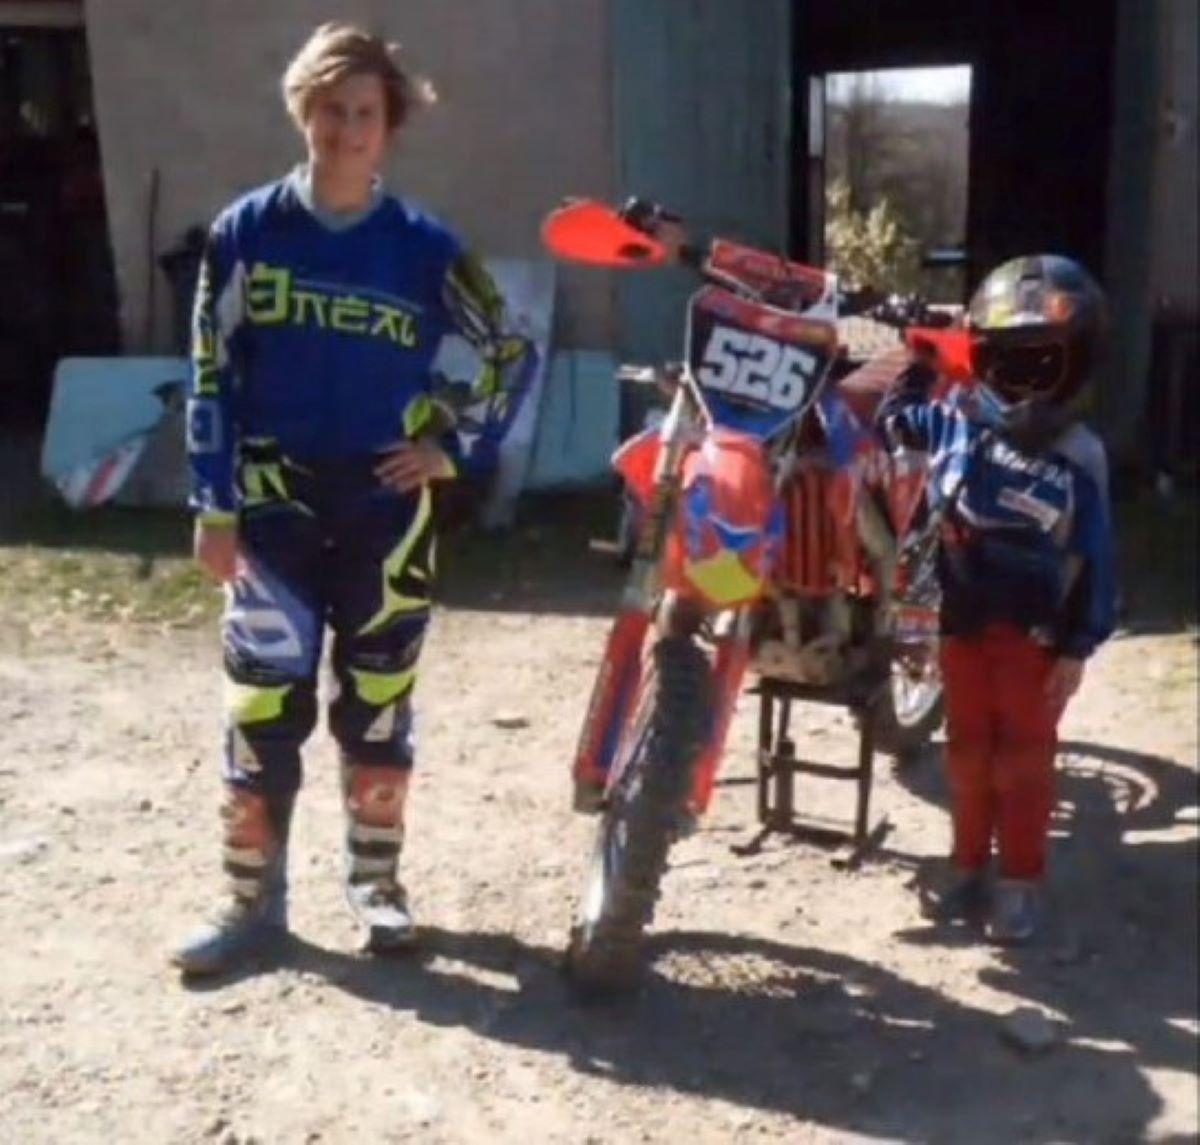 Martina Lilla Morta 16 Anni Novara Incidente Moto Cross Trattore Padre